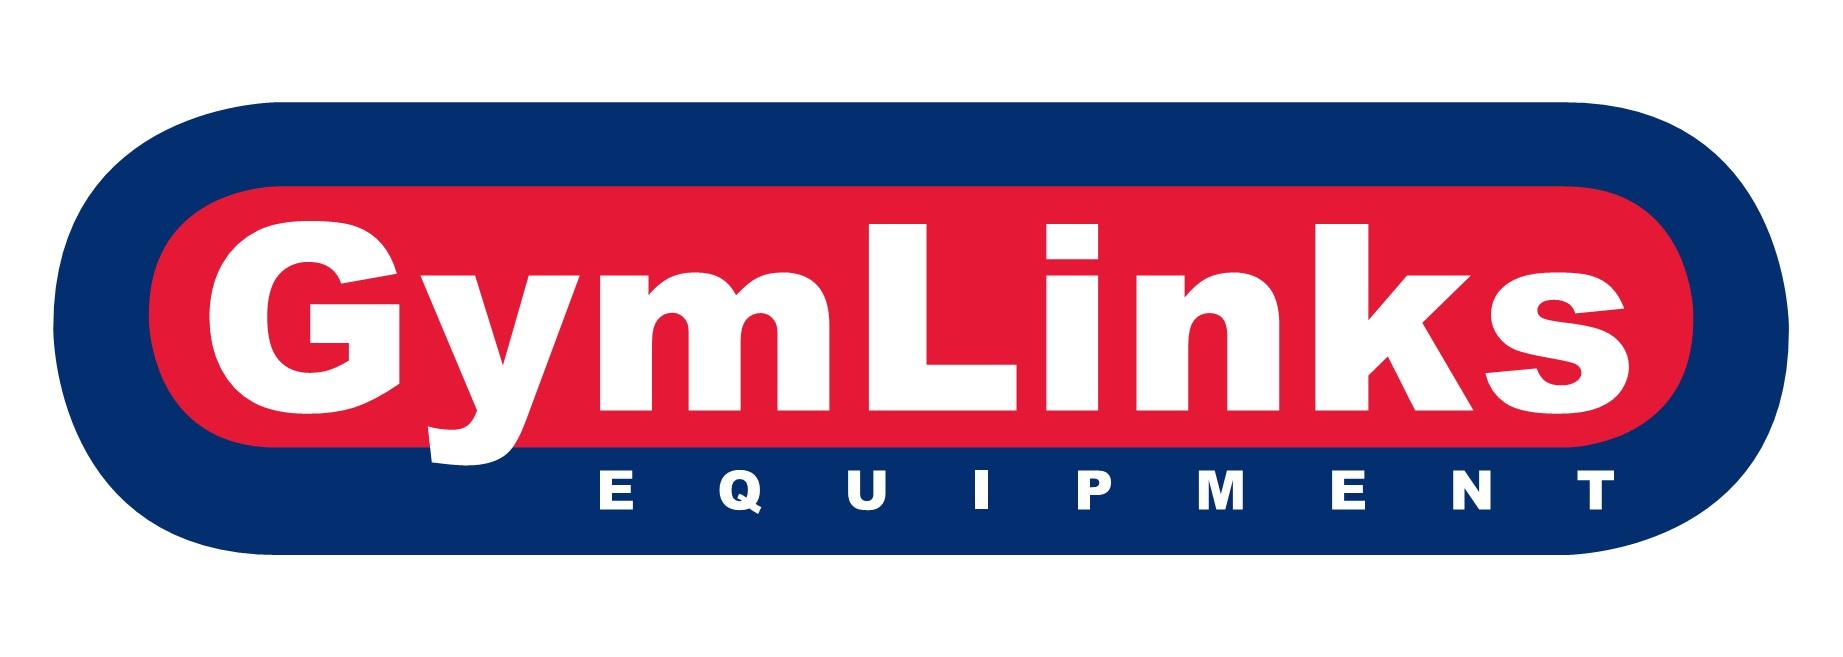 gymlinks-official-logo.jpg